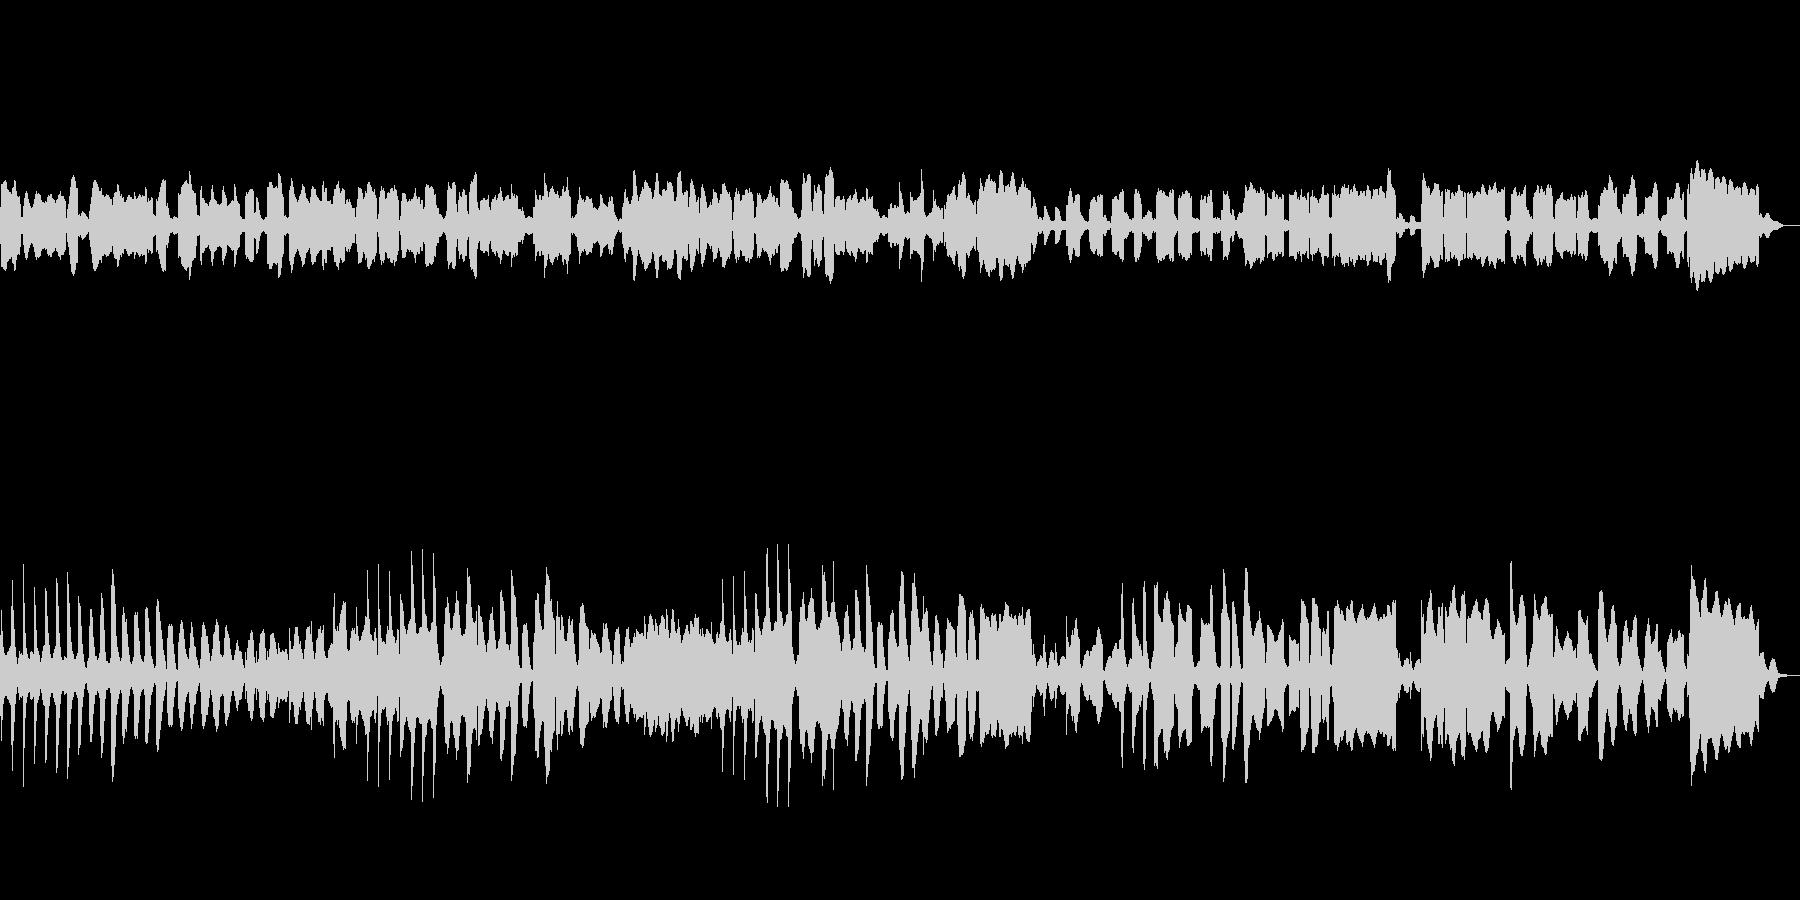 リコーダー、ビブラフォン使用の町曲の未再生の波形